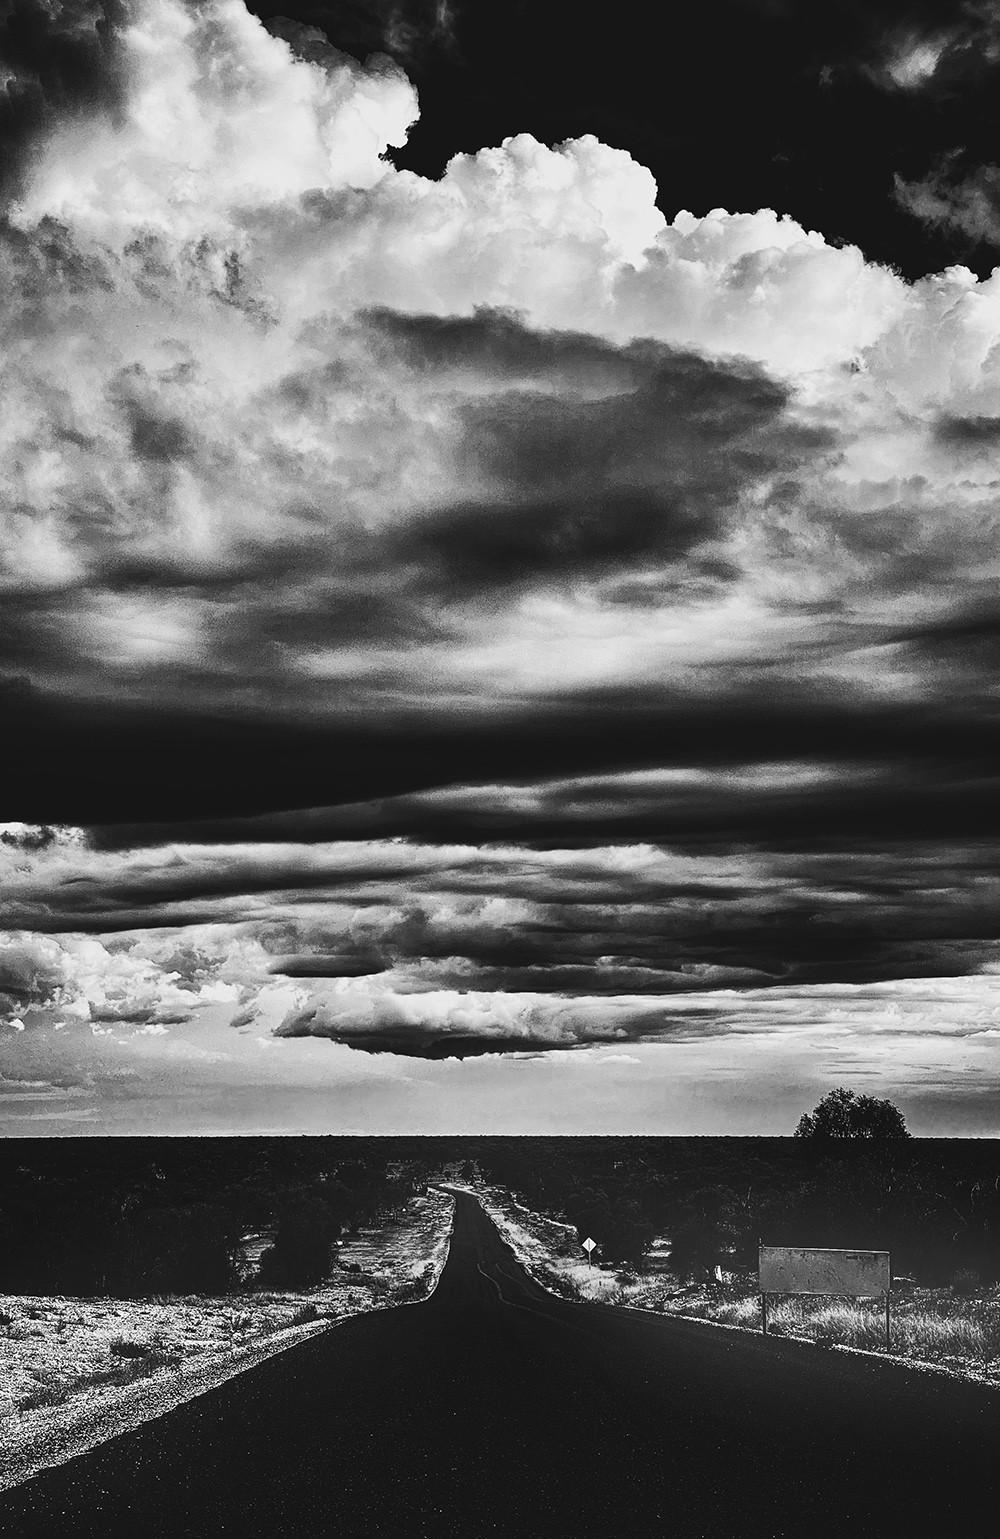 Поощрительная премия в категории «Чёрно-белое фото», 2020. «Дорога домой». Автор Викки Мюррей